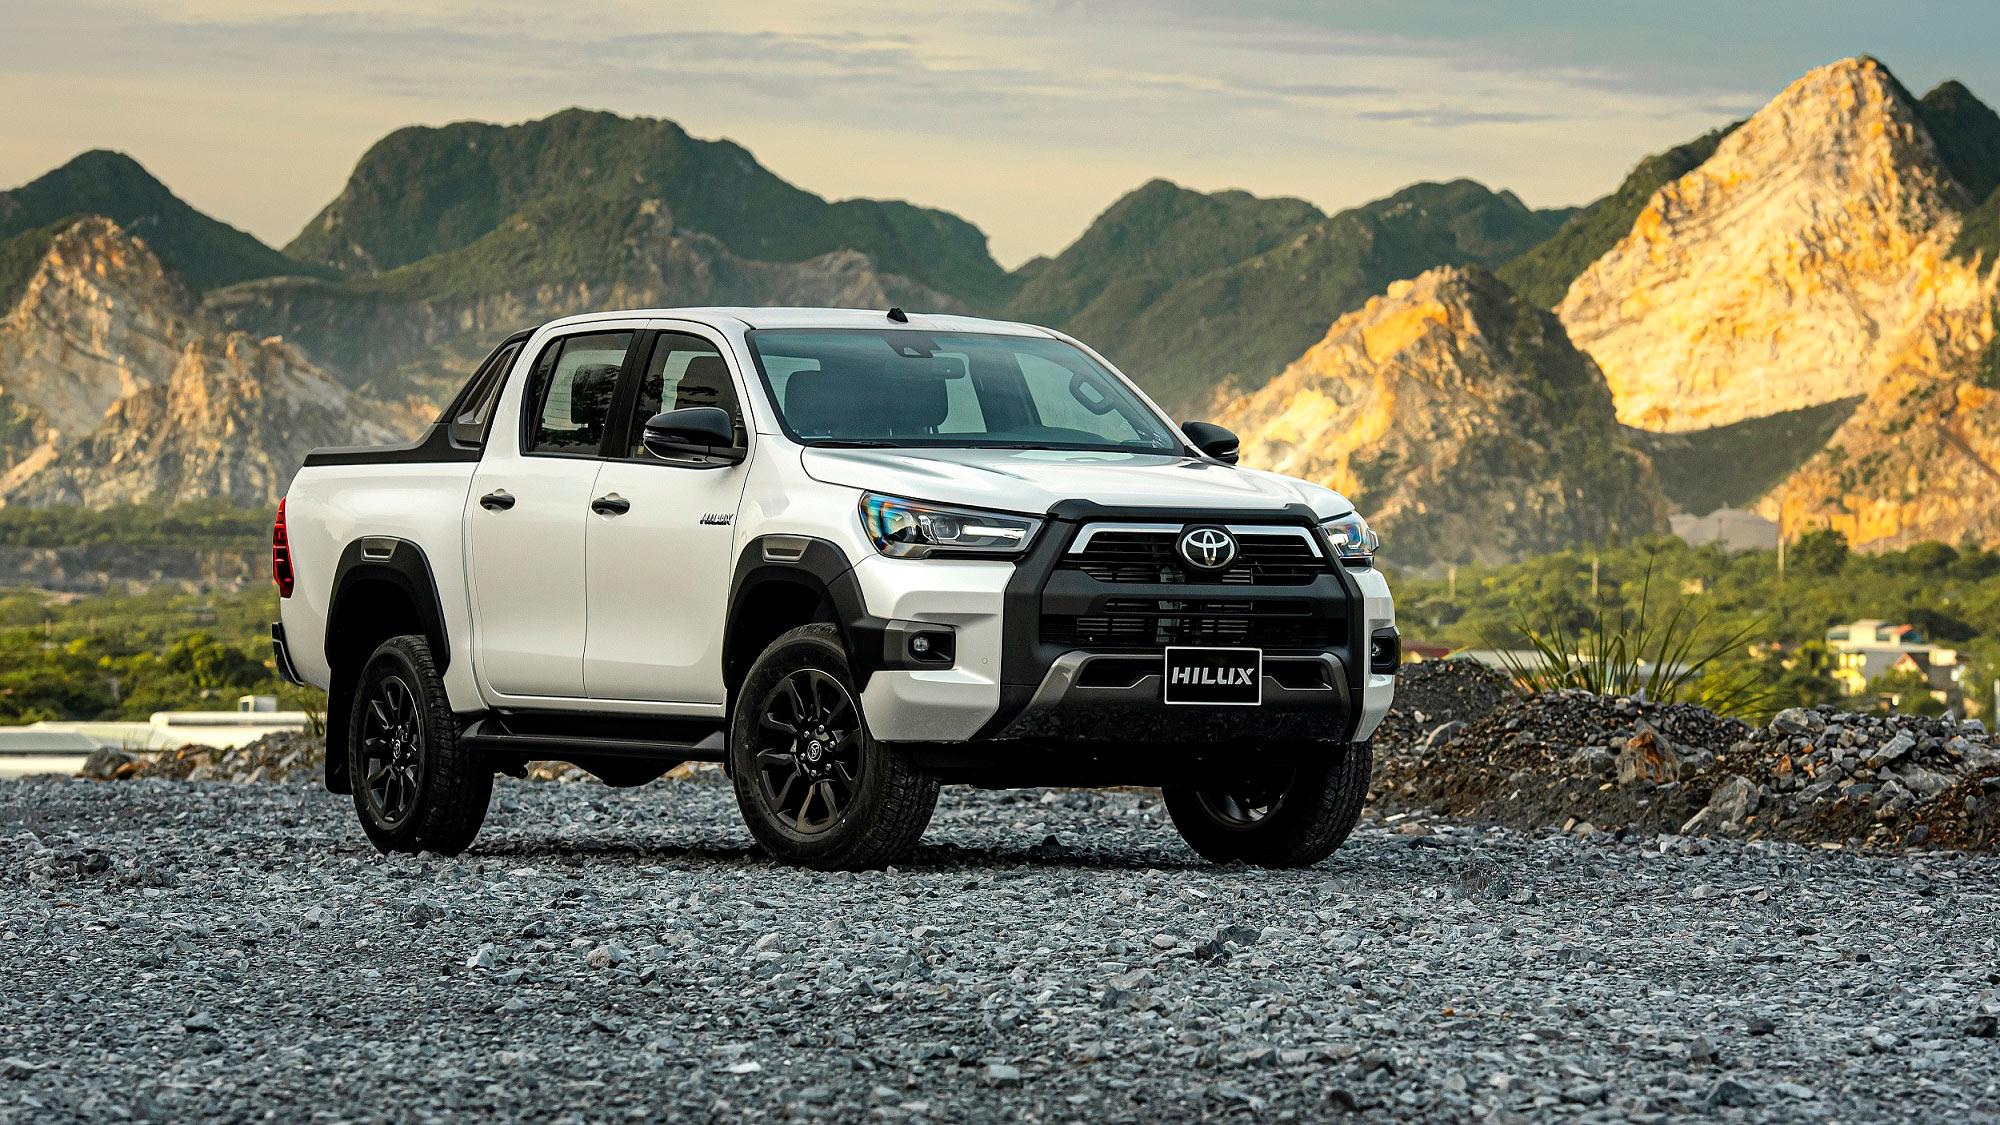 Toyota Hilux 2020 chính thức ra mắt tại Việt Nam, giá từ 628 triệu đồng